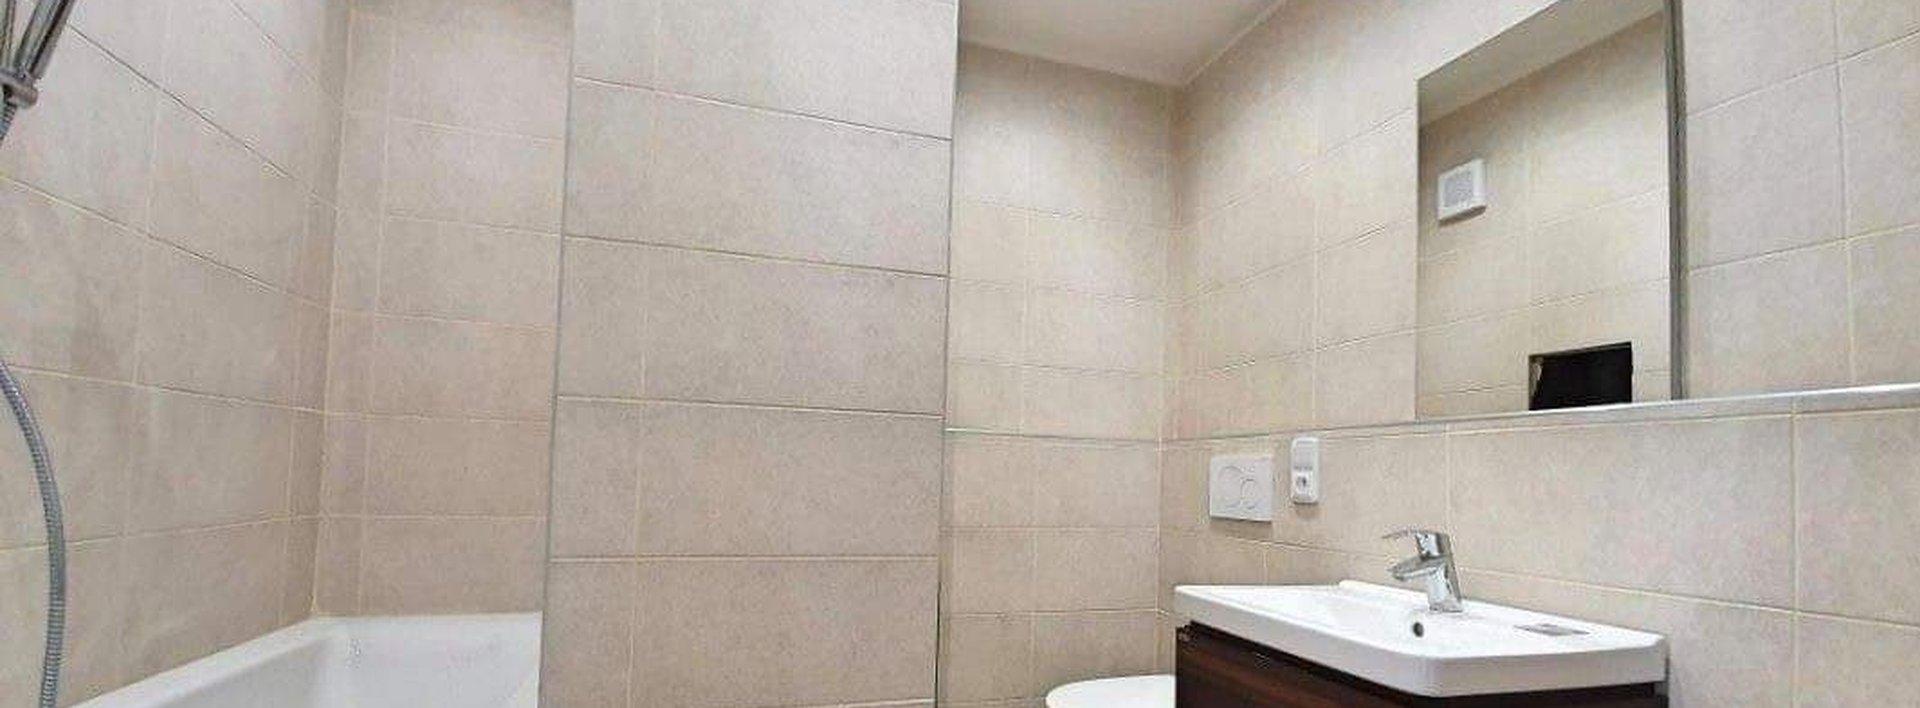 Pronájem bytu 2+kk, 42 m² - Liberec, ul. Soukenická, Ev.č.: N49126